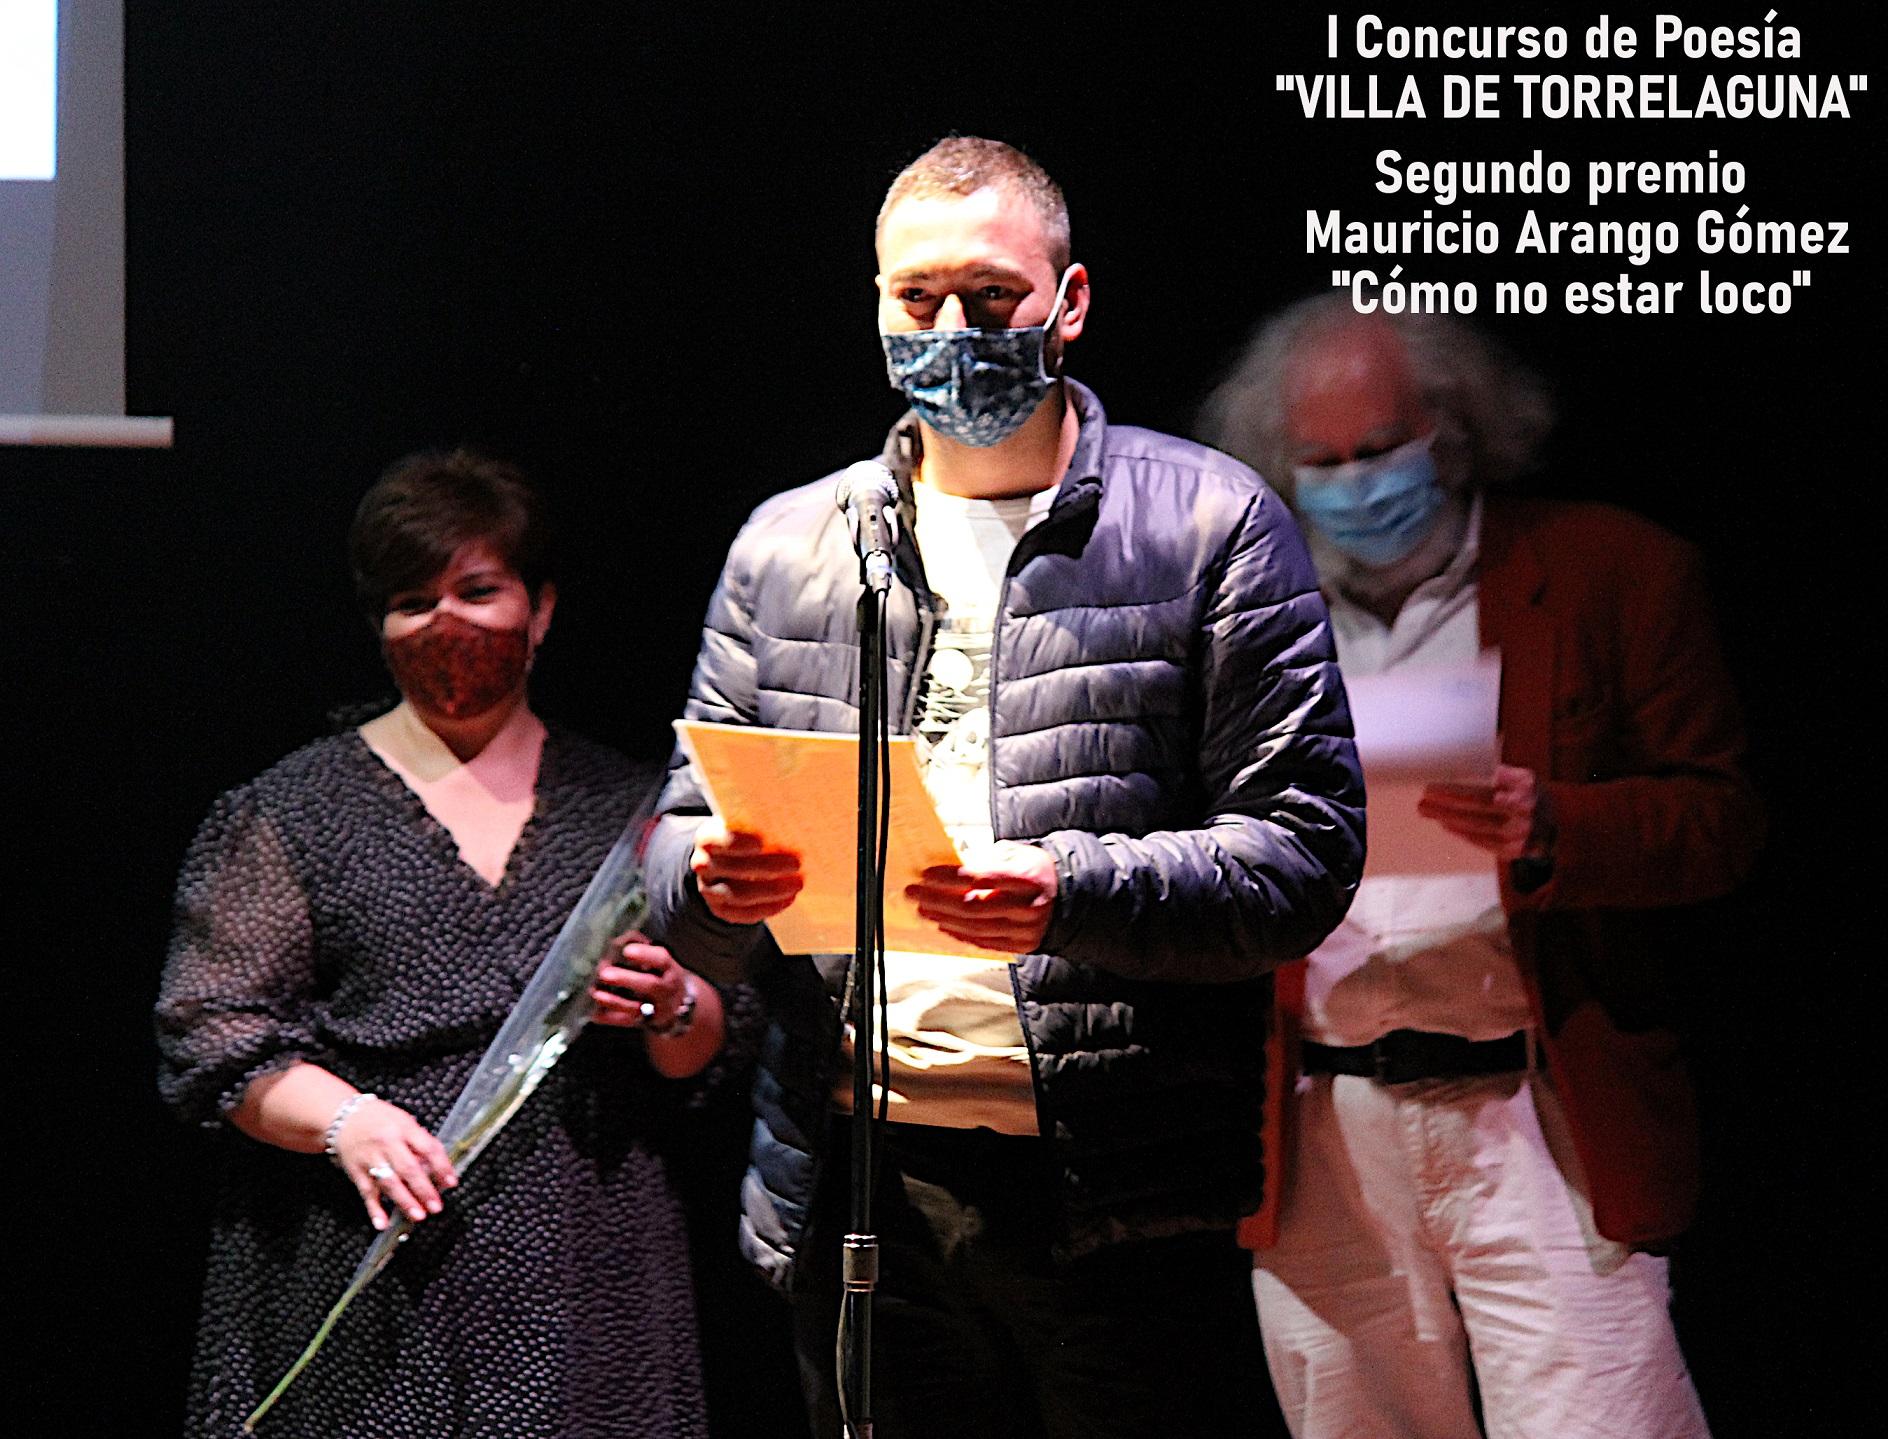 Segundo premio Mauricio Arango Gómez